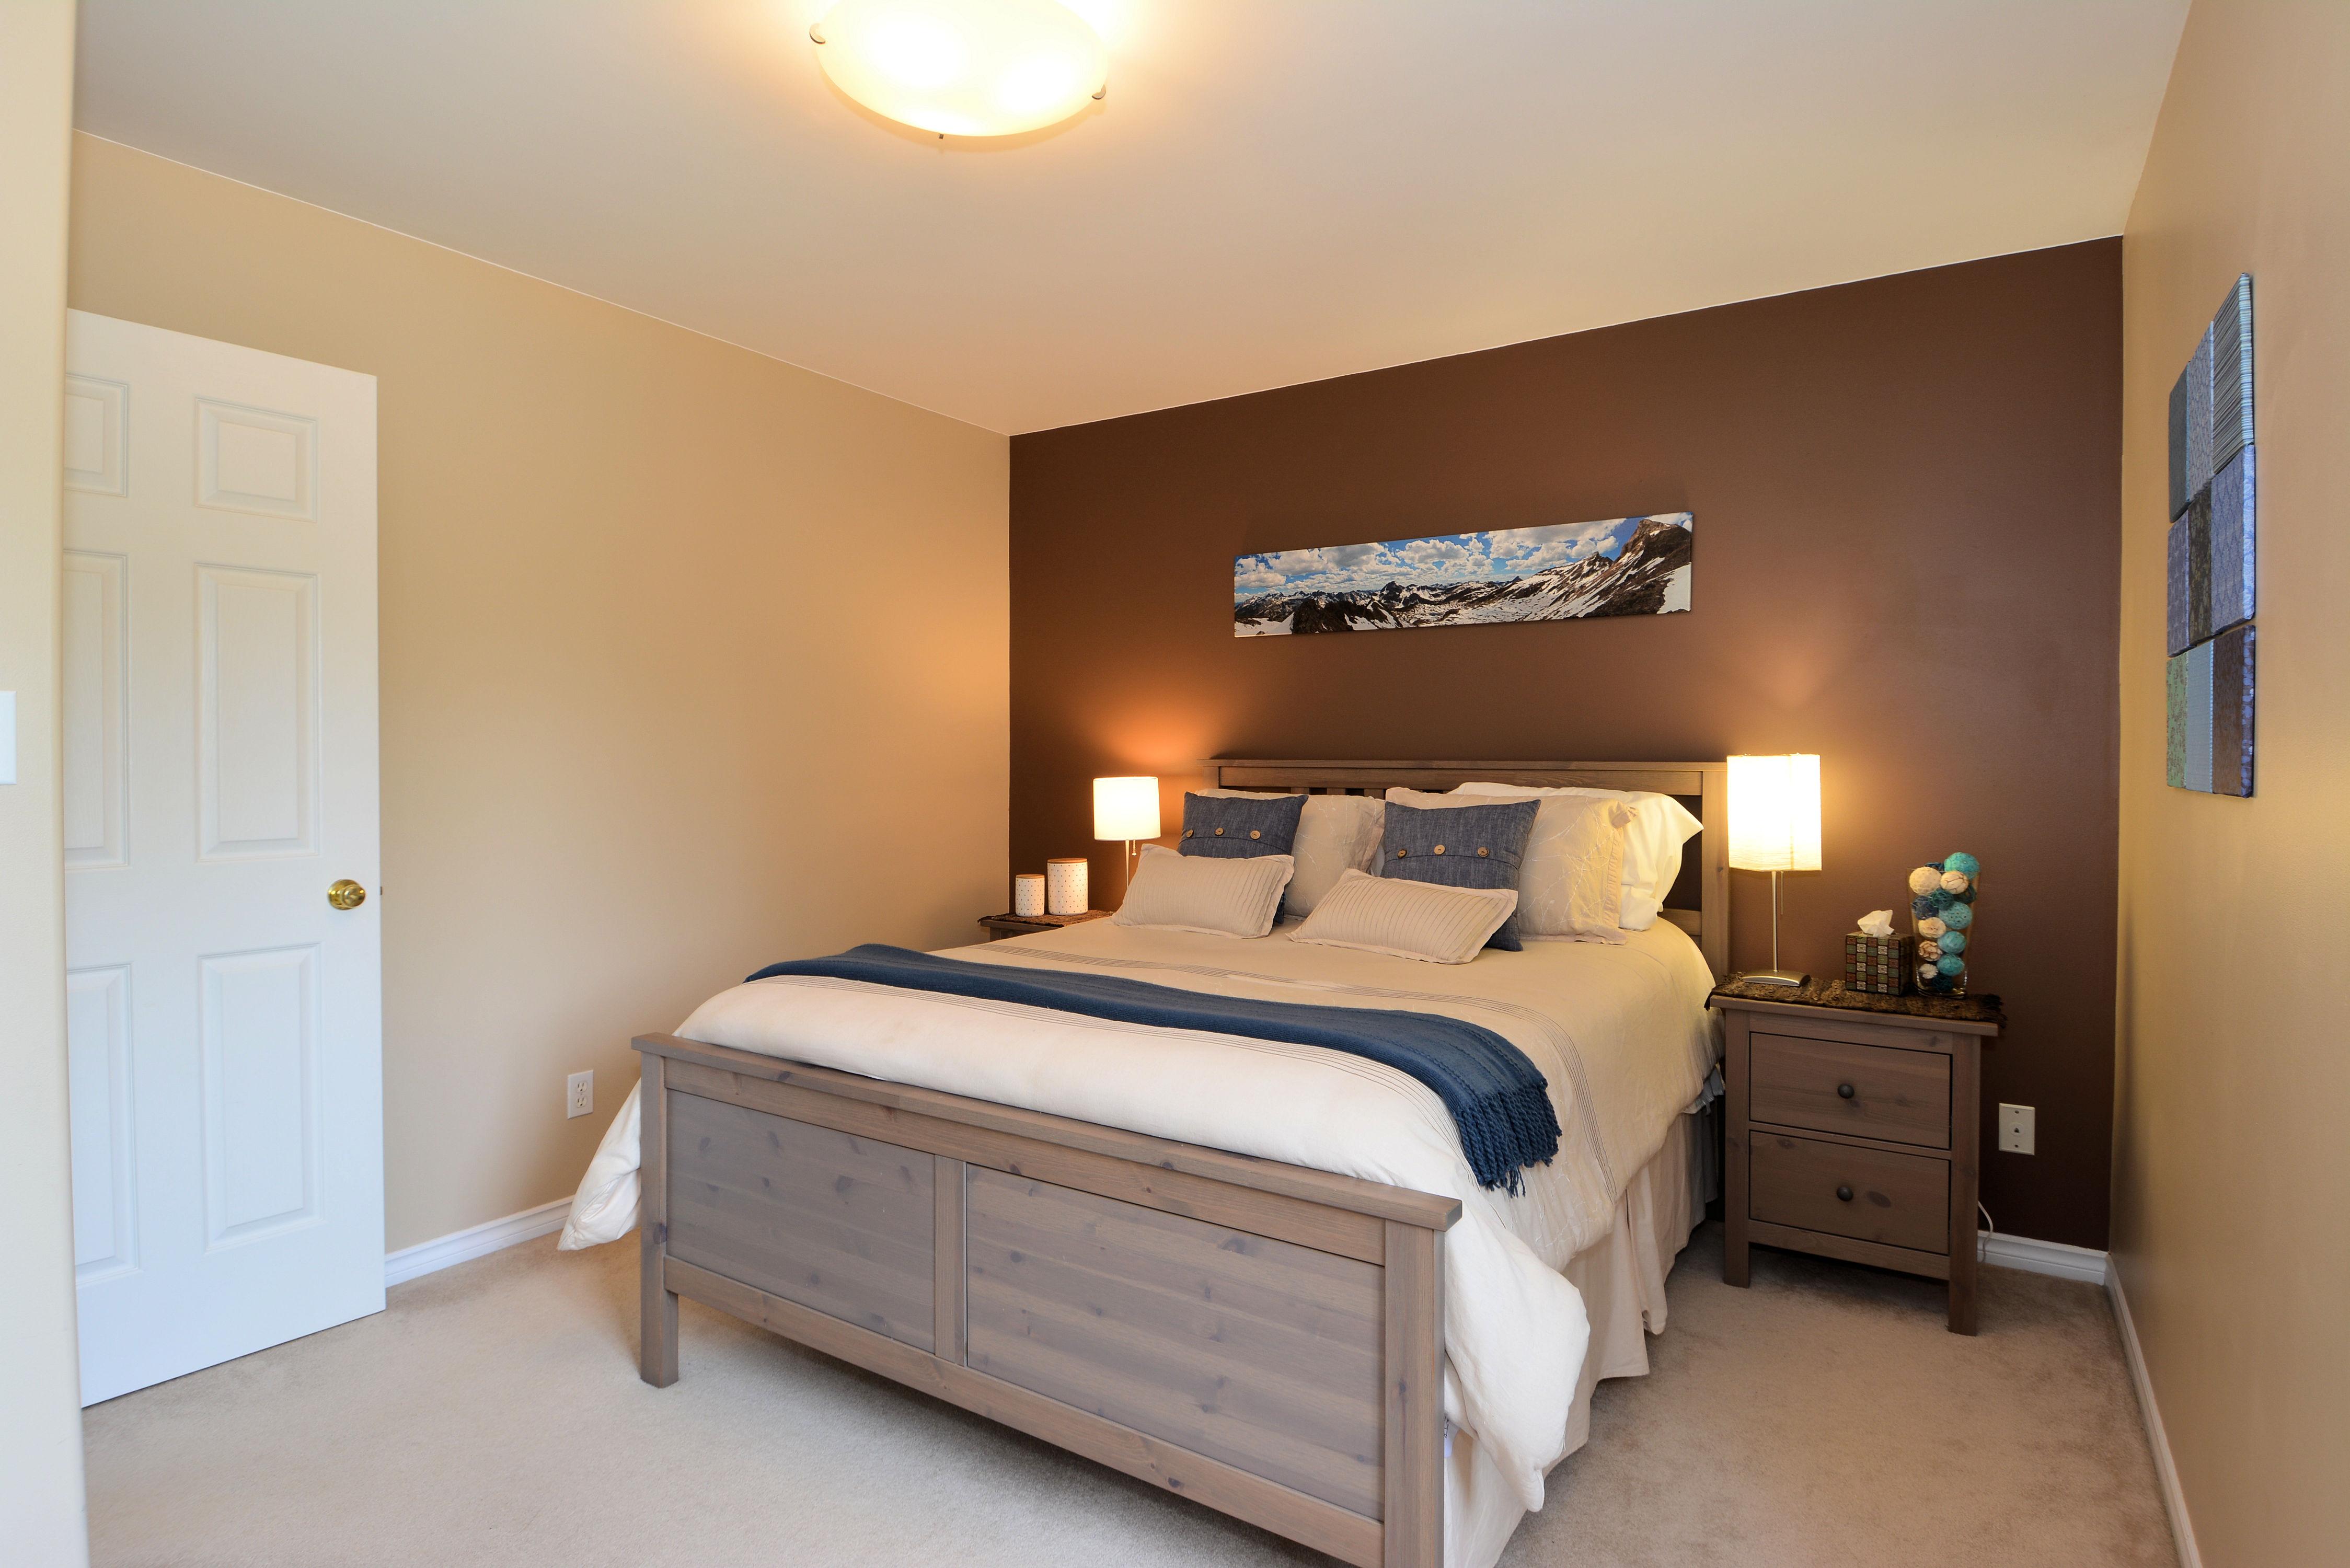 Bedroom: 11' x 13'6